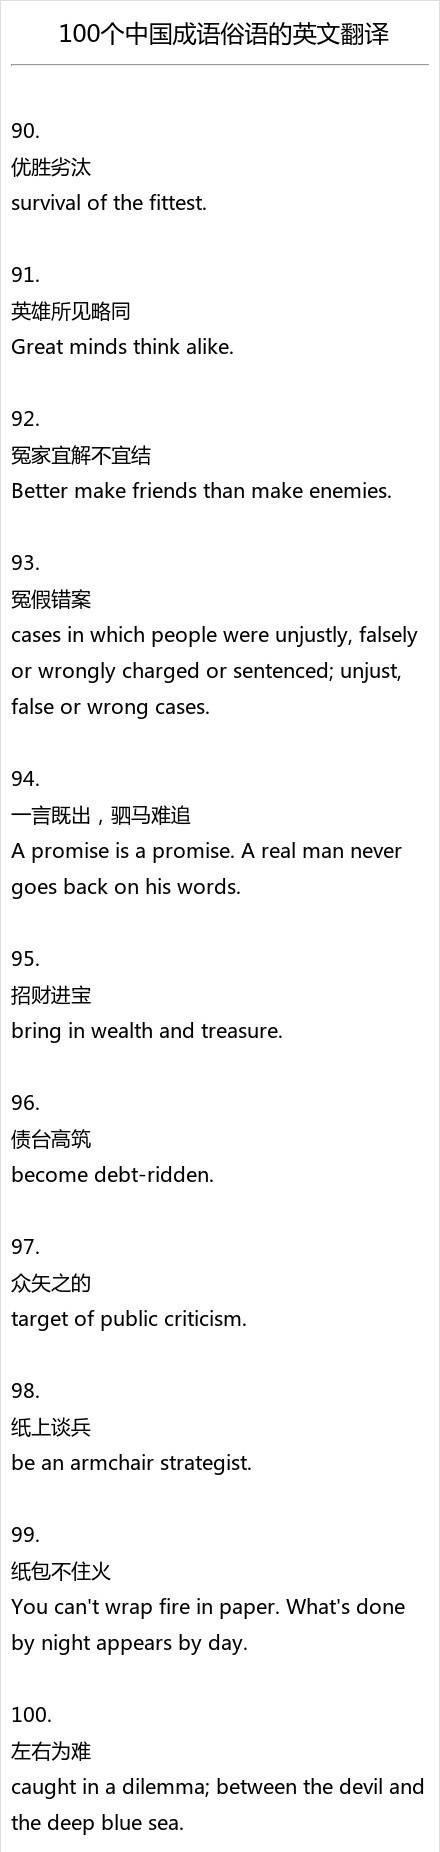 100个中国成语俗语的英文翻译